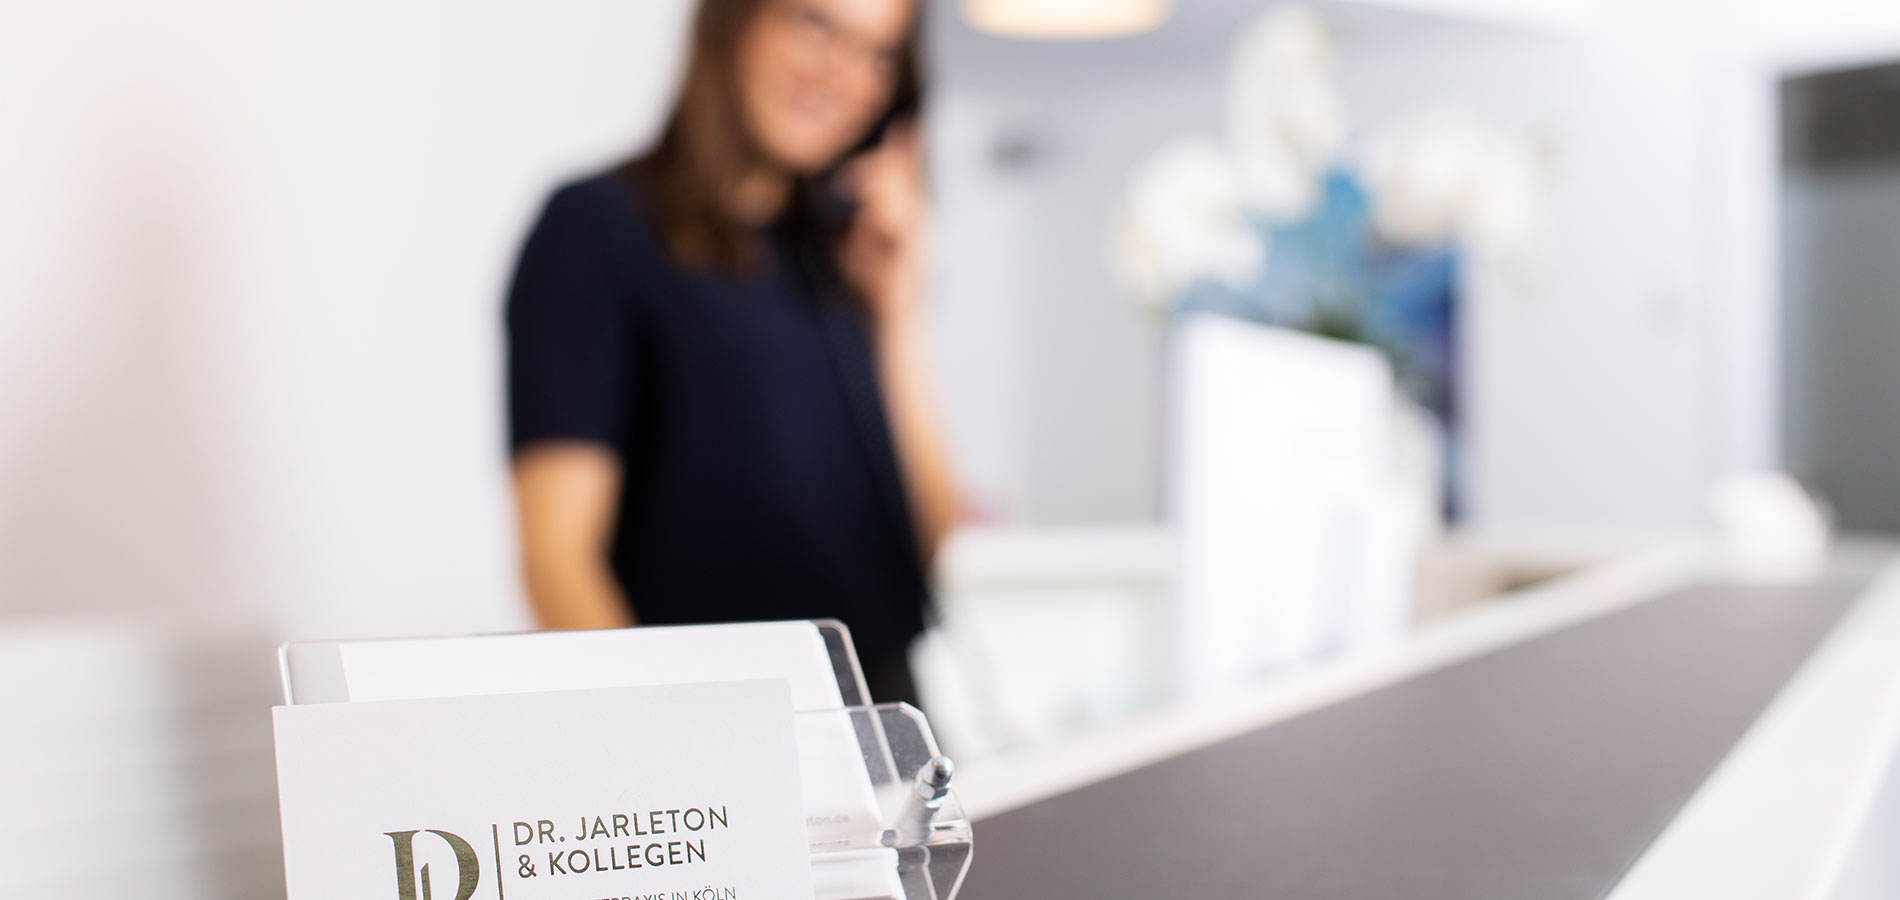 Dorothee-Jarleton-Zahnarzt-Praxis-Koeln-Jobs-2-und-Service-24h-Onlinetermine